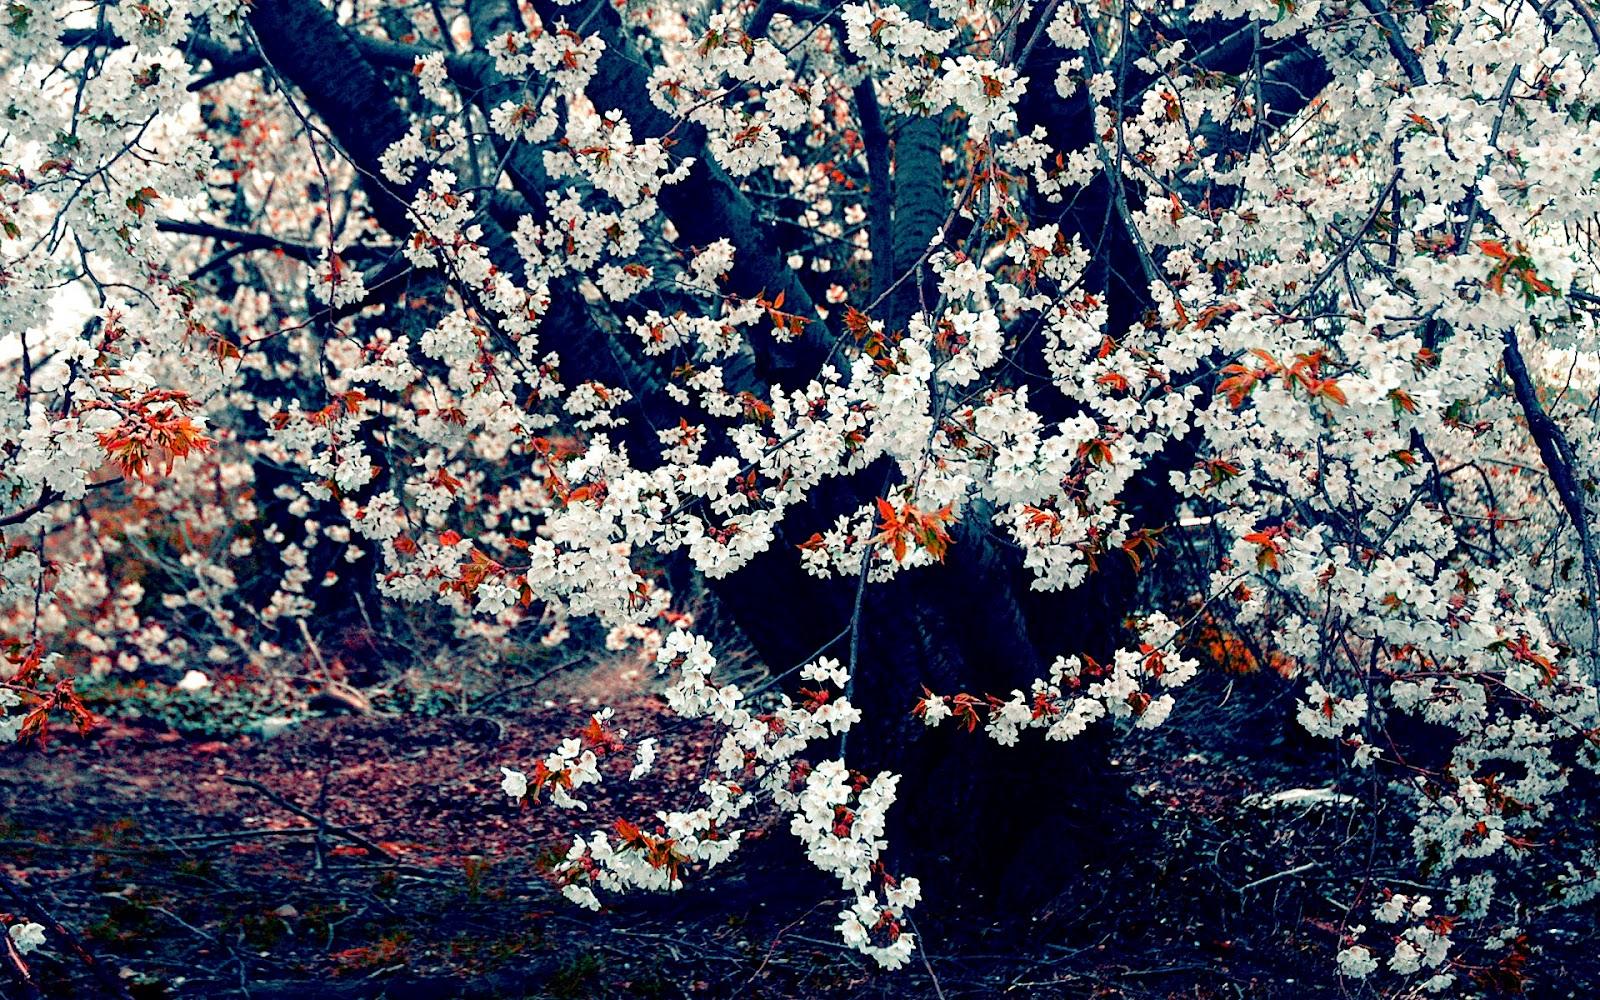 http://4.bp.blogspot.com/-ZNlrkFy5aVA/UFbgcvVbZlI/AAAAAAAAEe0/tUFtTTo8NHk/s1600/01444_autumnleaves_1920x1200.jpg